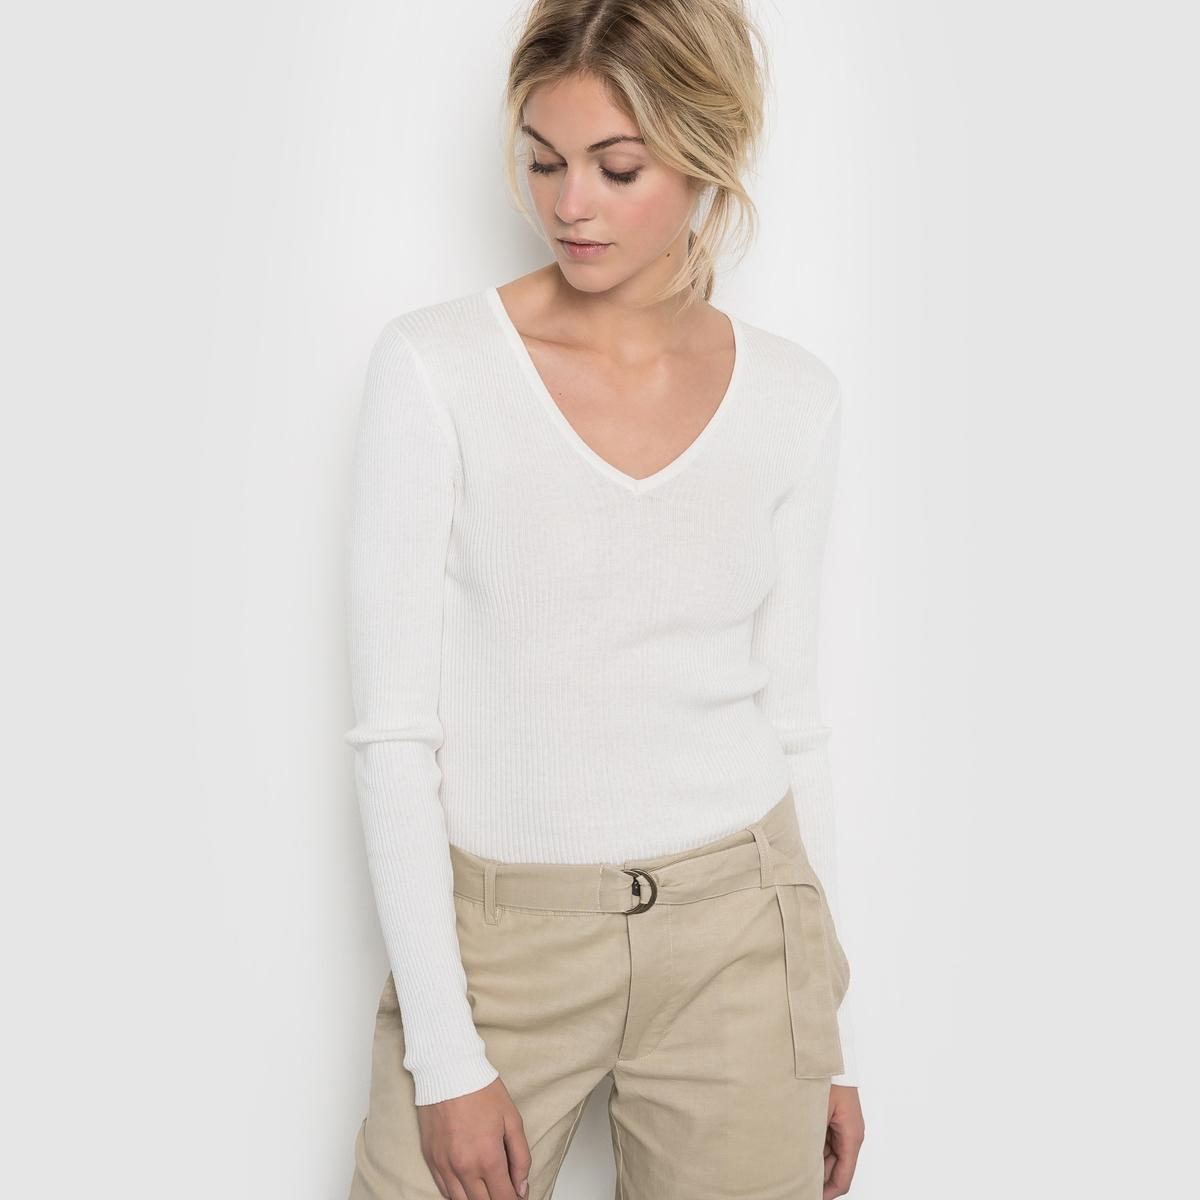 Пуловер с V-образным вырезомПуловер с V-образным вырезом. 60% вискозы, 40% хлопка. Длина. 62 см. Длинные рукава.<br><br>Цвет: слоновая кость